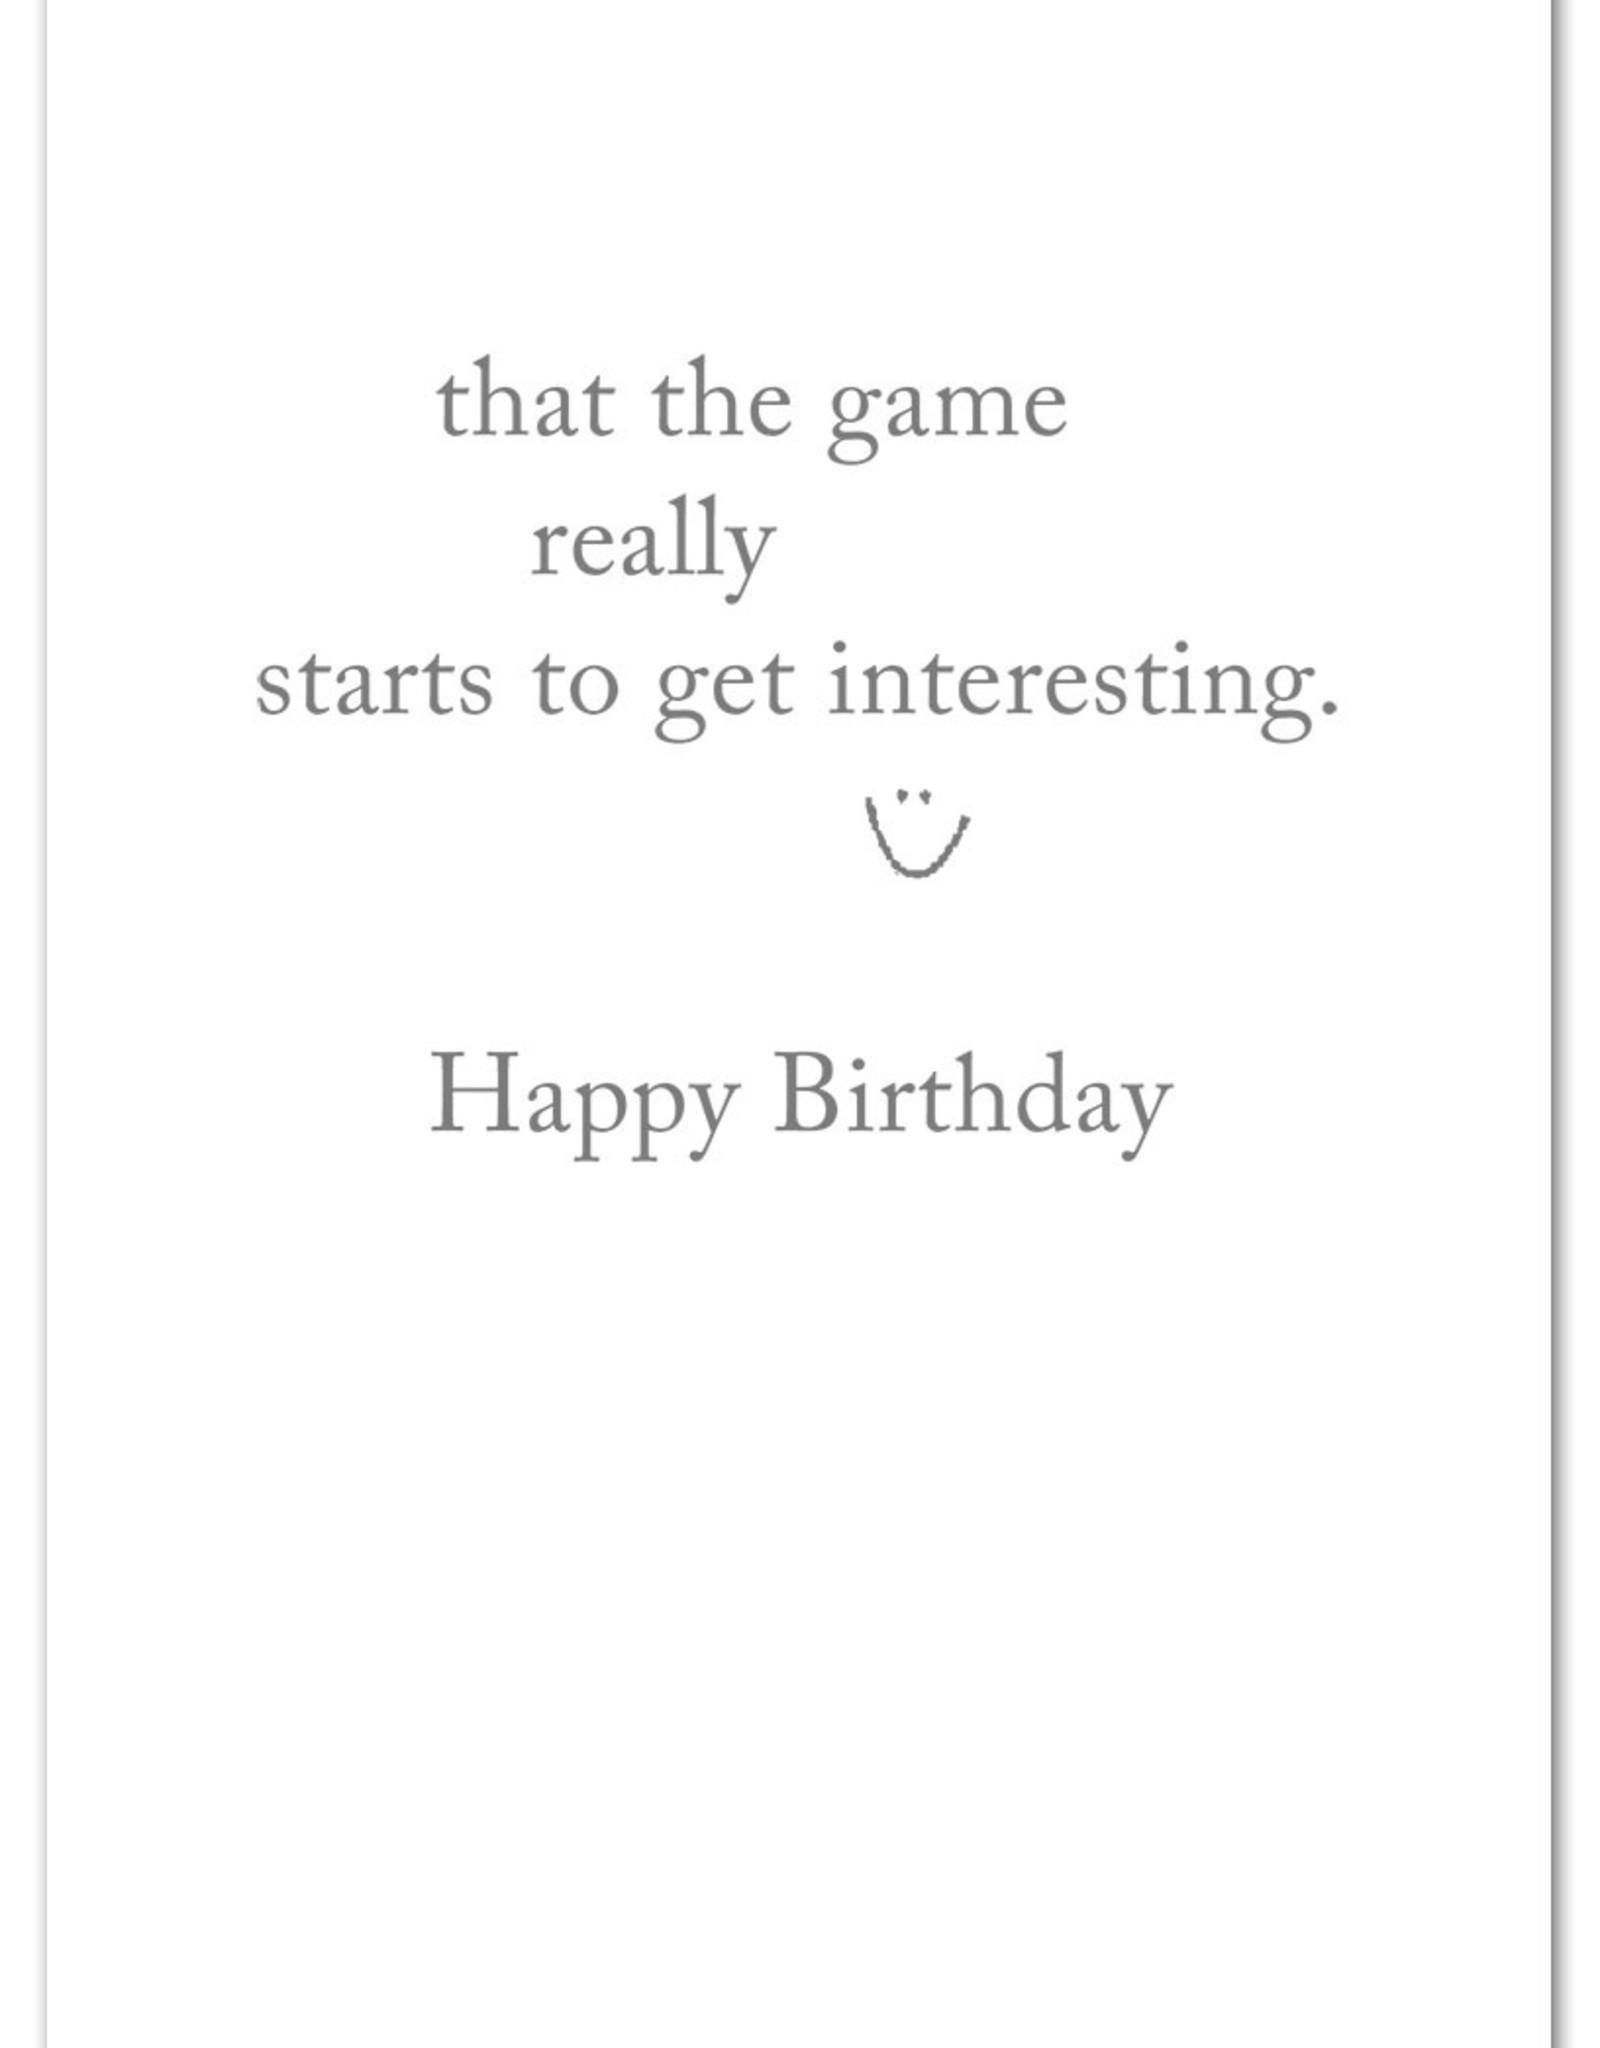 Cardthartic Cardthartic - Hopscotch Birthday Card